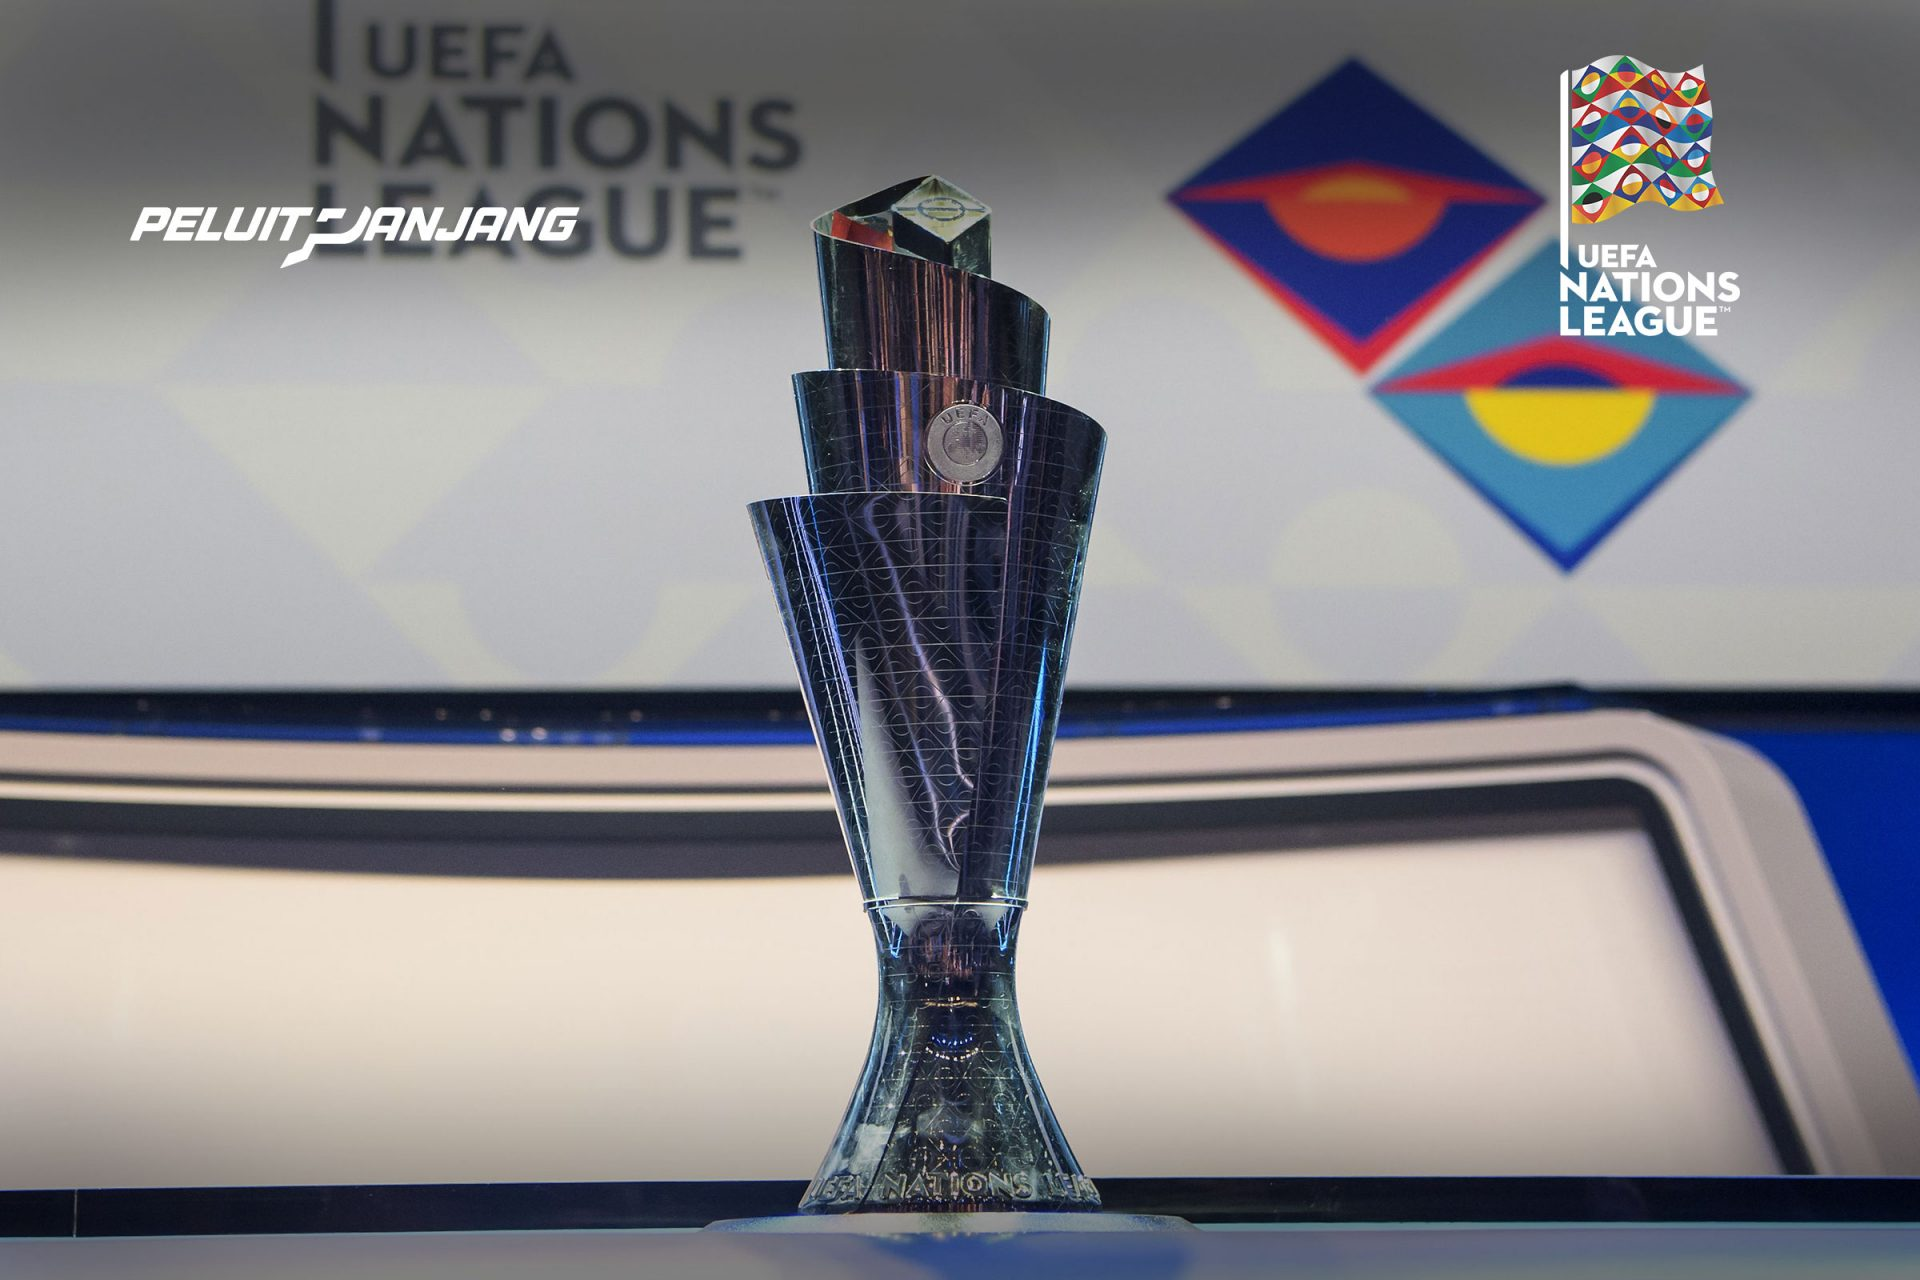 Nations League trophy